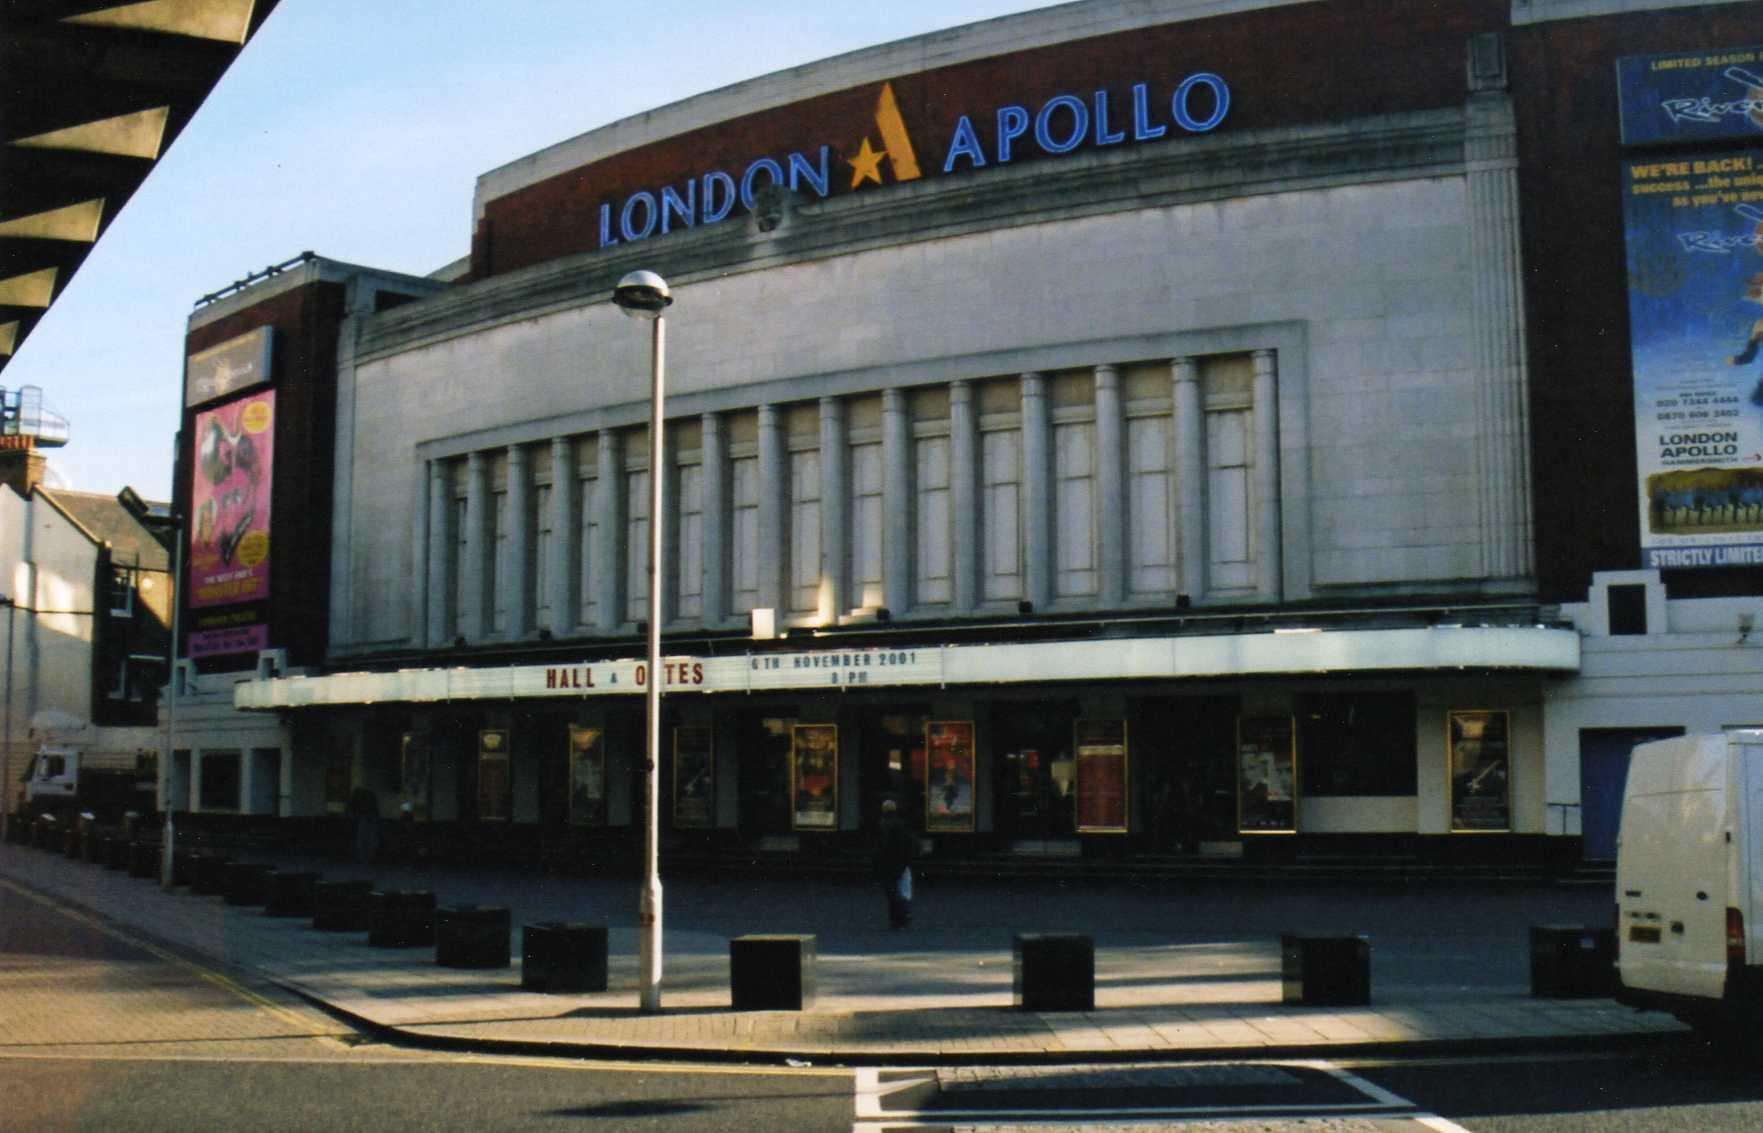 Hammersmith Odeon<br /><br />A Hammersmith Odeon (manapság már Eventim Apollo) egy 1930-32 között épült londoni szórakozóhely, mely mint a többiek is, nagyobbnál nagyobb neveket látott már vendégül. Boddy Hollytól kezdve Johnny Cashen, a Queenen, a Kissen, a Black Sabbathon, a Rushon a Pink Floydon, a Motörheaden és az Iron Maidenen át millió zseniális dal fültanúi lehettek ezek a falak.